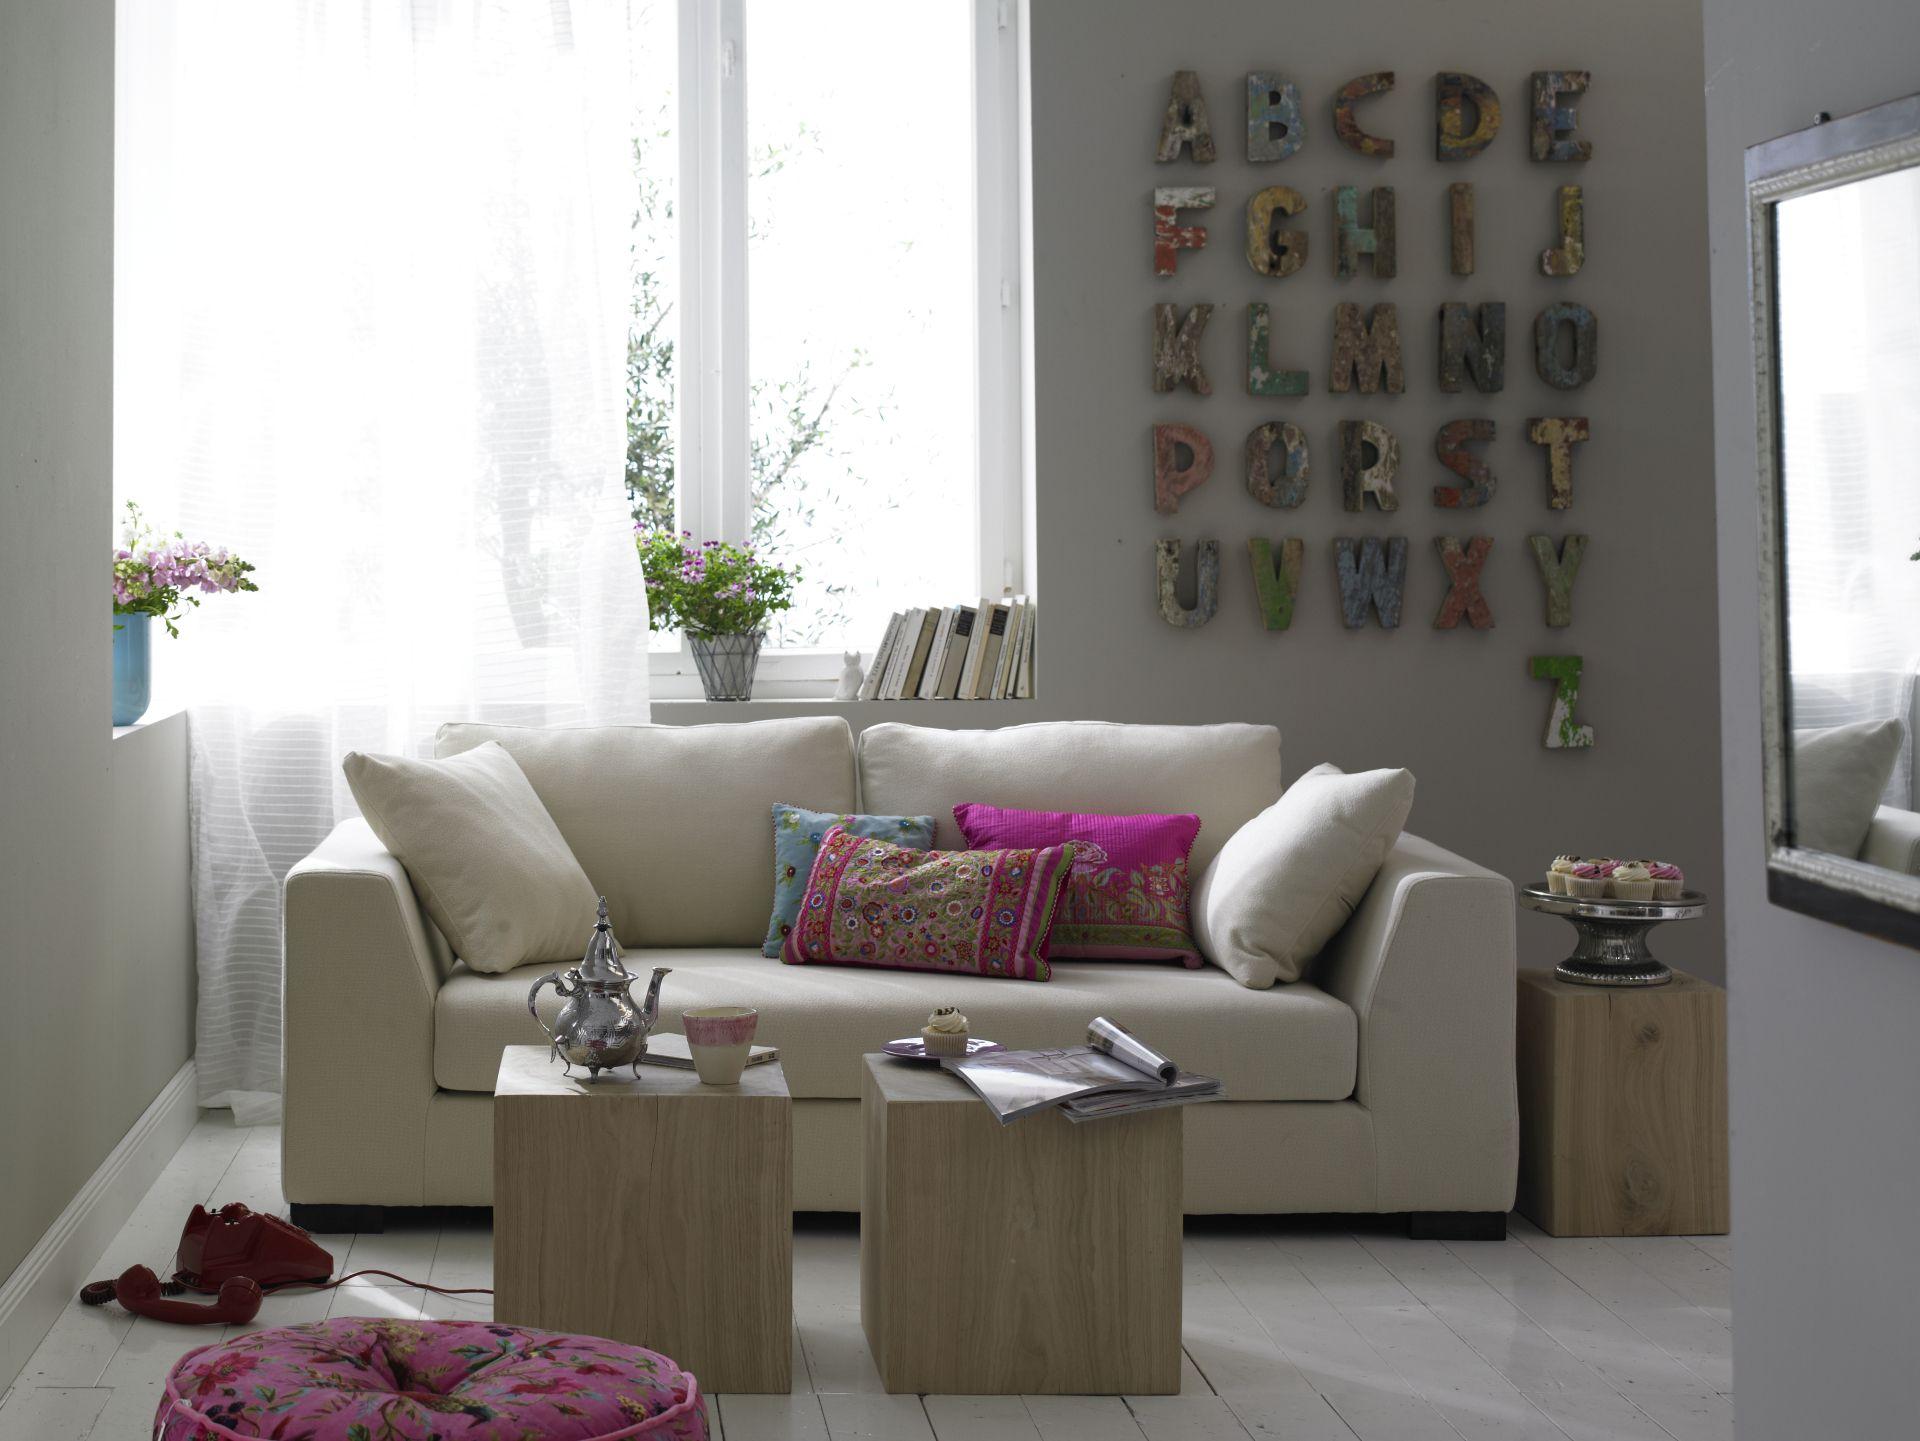 kleines wohnzimmer mit eckfenster. Black Bedroom Furniture Sets. Home Design Ideas